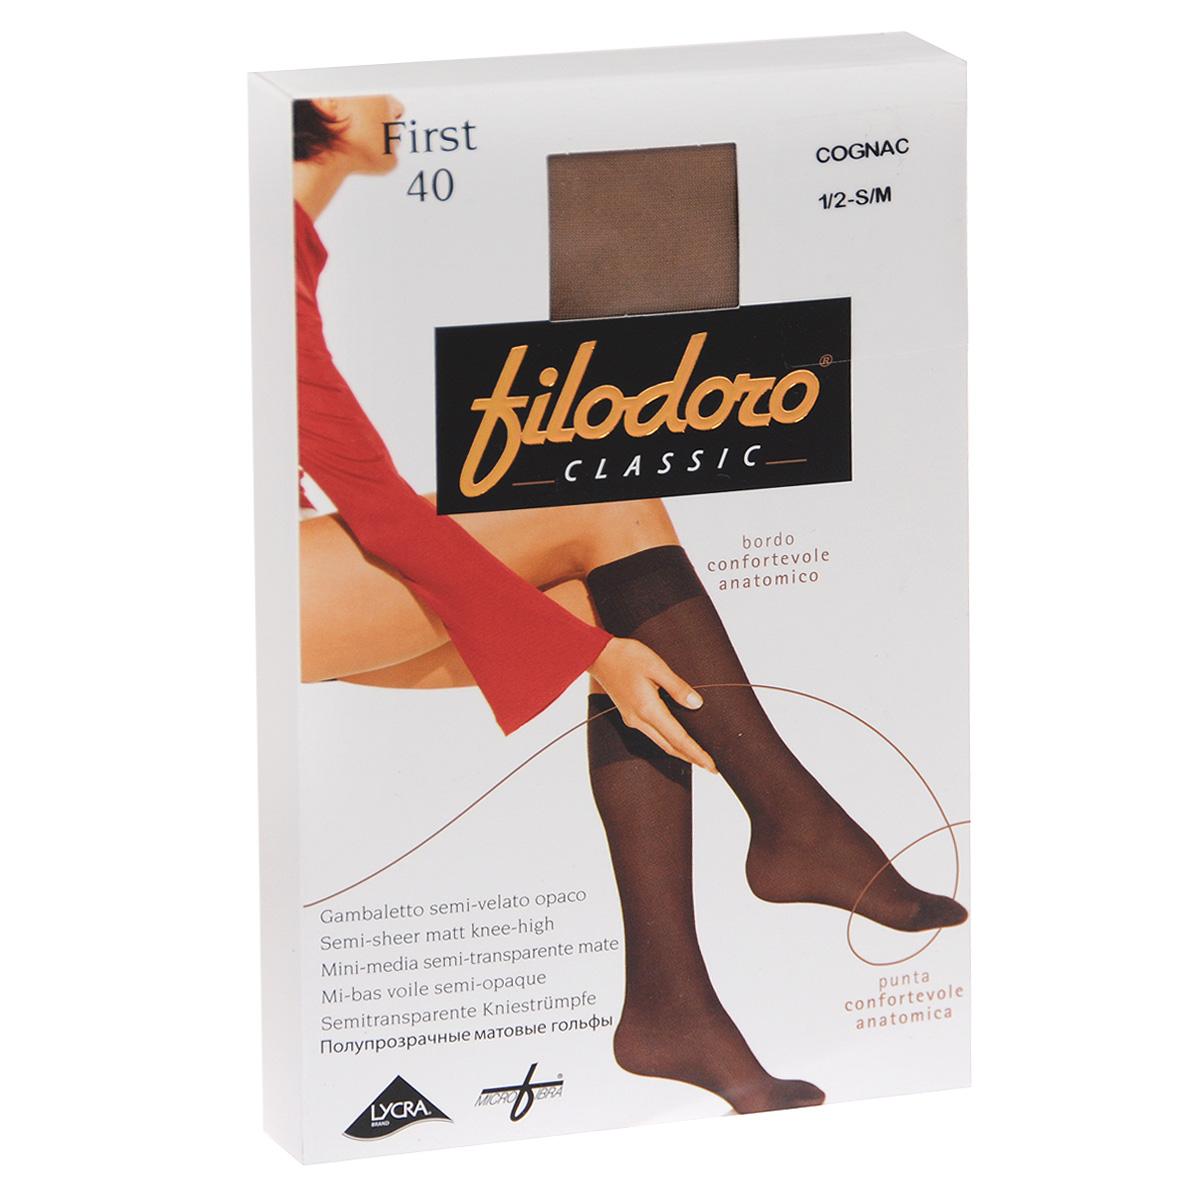 Гольфы женские Filodoro Classic First 40, цвет: Cognac (загар). C110309FC. Размер 1/2 (S/M)C110309FCТонкие матовые эластичные гольфы Filodoro Classic First, с комфортной резинкой дифференцированной конструкции, укрепленным мыском. Плотность: 40 den.